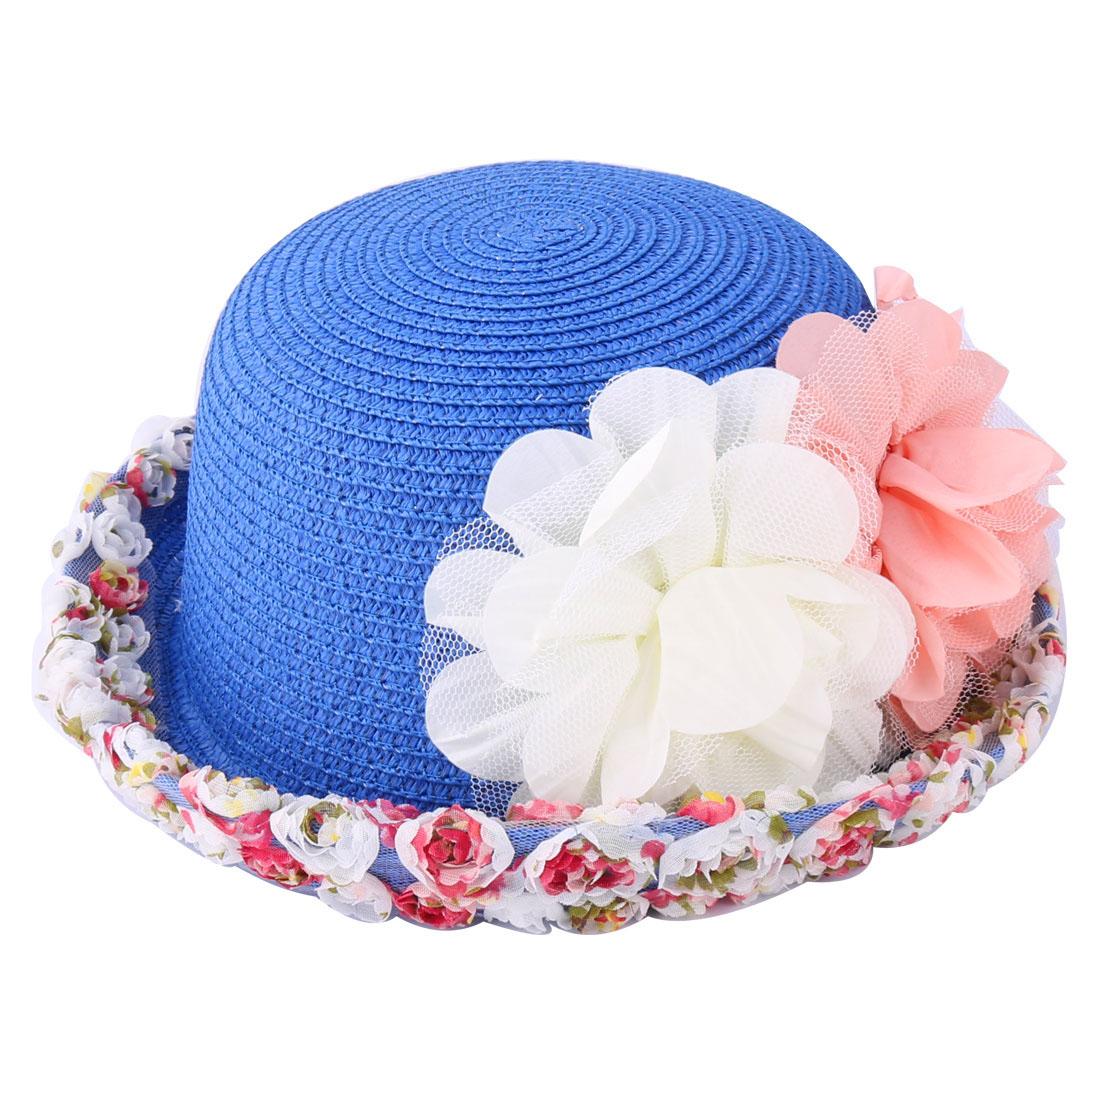 Girl Lady Cloth Flower Decor Brim Soft Straw Braid Travel Vacation Hat Blue